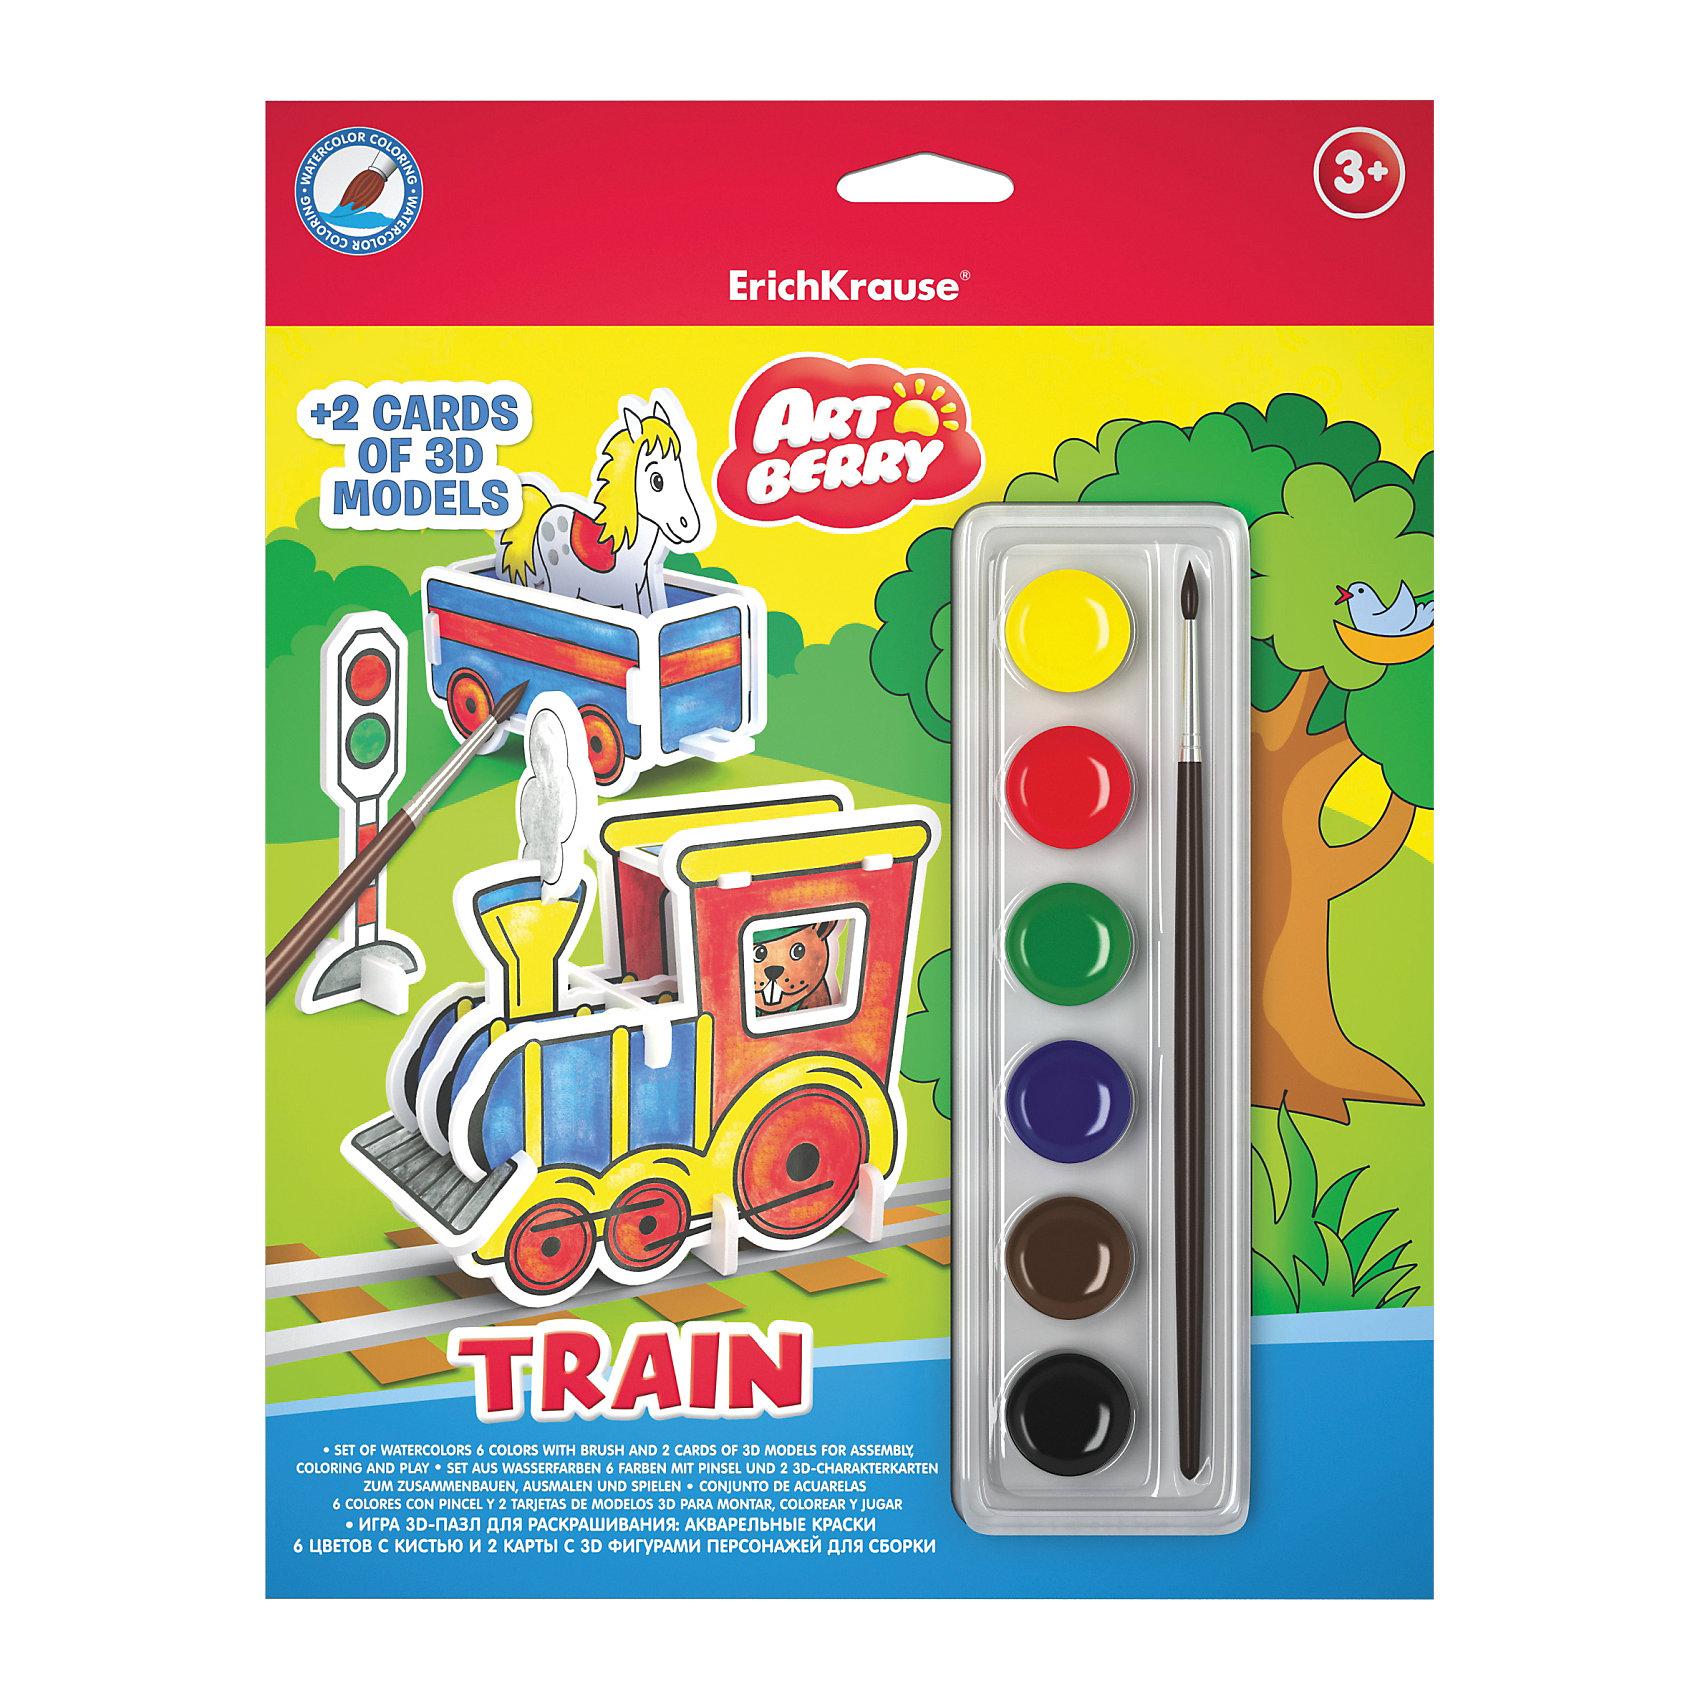 Игровой 3D-пазл для раскрашивания Поезд, ArtberryИгровой 3D пазл для раскрашивания Artberry/Train(краски акварельные 6цв+2 карты с фигур д/сборки)<br><br>Ширина мм: 230<br>Глубина мм: 300<br>Высота мм: 25<br>Вес г: 162<br>Возраст от месяцев: 60<br>Возраст до месяцев: 216<br>Пол: Унисекс<br>Возраст: Детский<br>SKU: 5409358